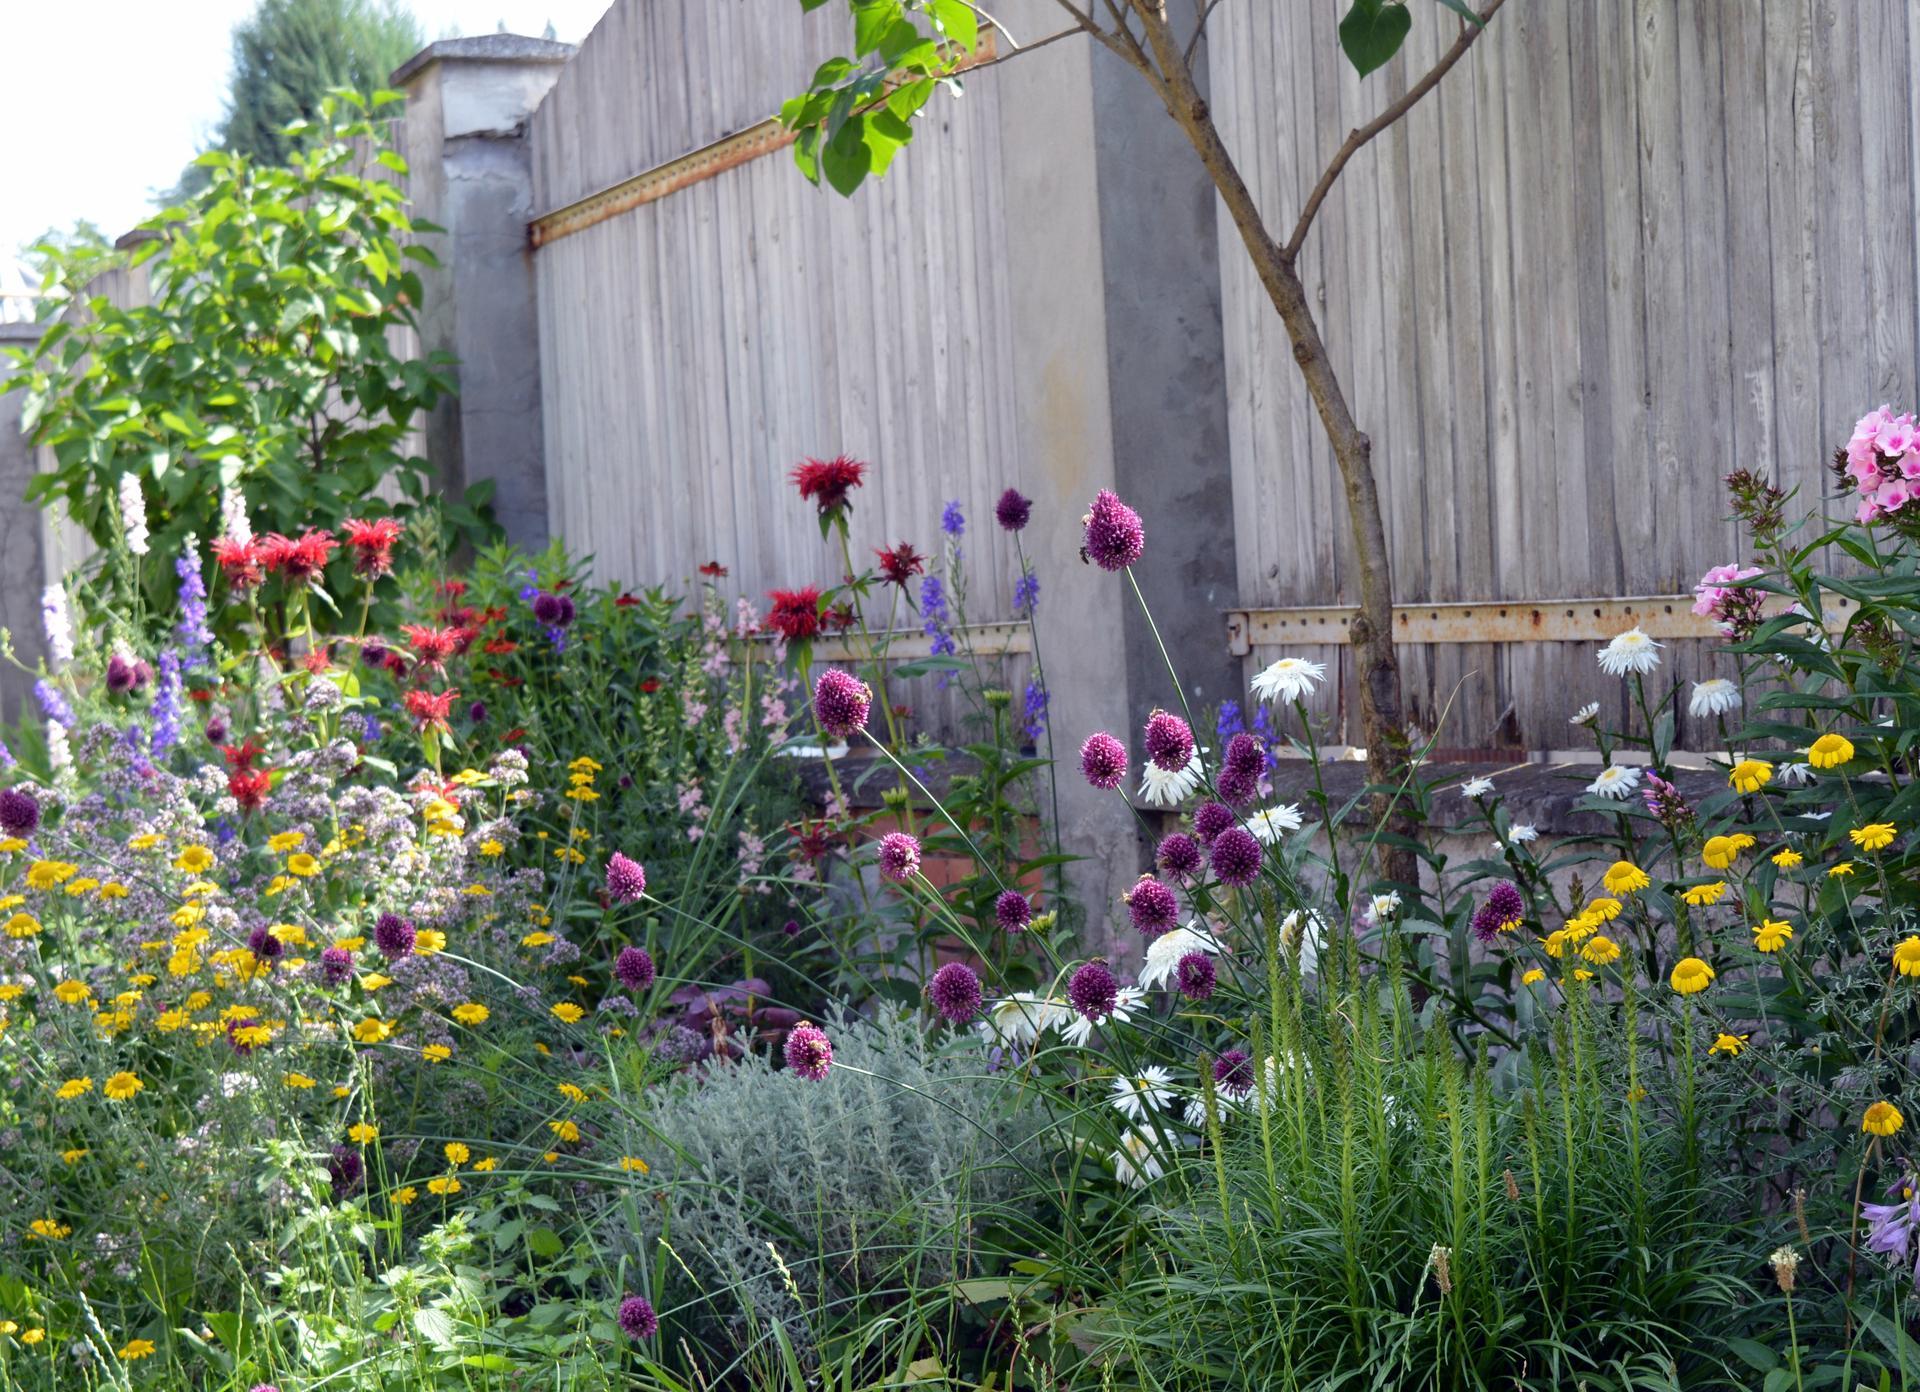 Naša prírodná perma záhradka v roku 2021 - 7/2021 - no a tu výbuch farieb, šialené, nikdy takto spolu nekvitli, skrátka tento rok bol čudný celkovo